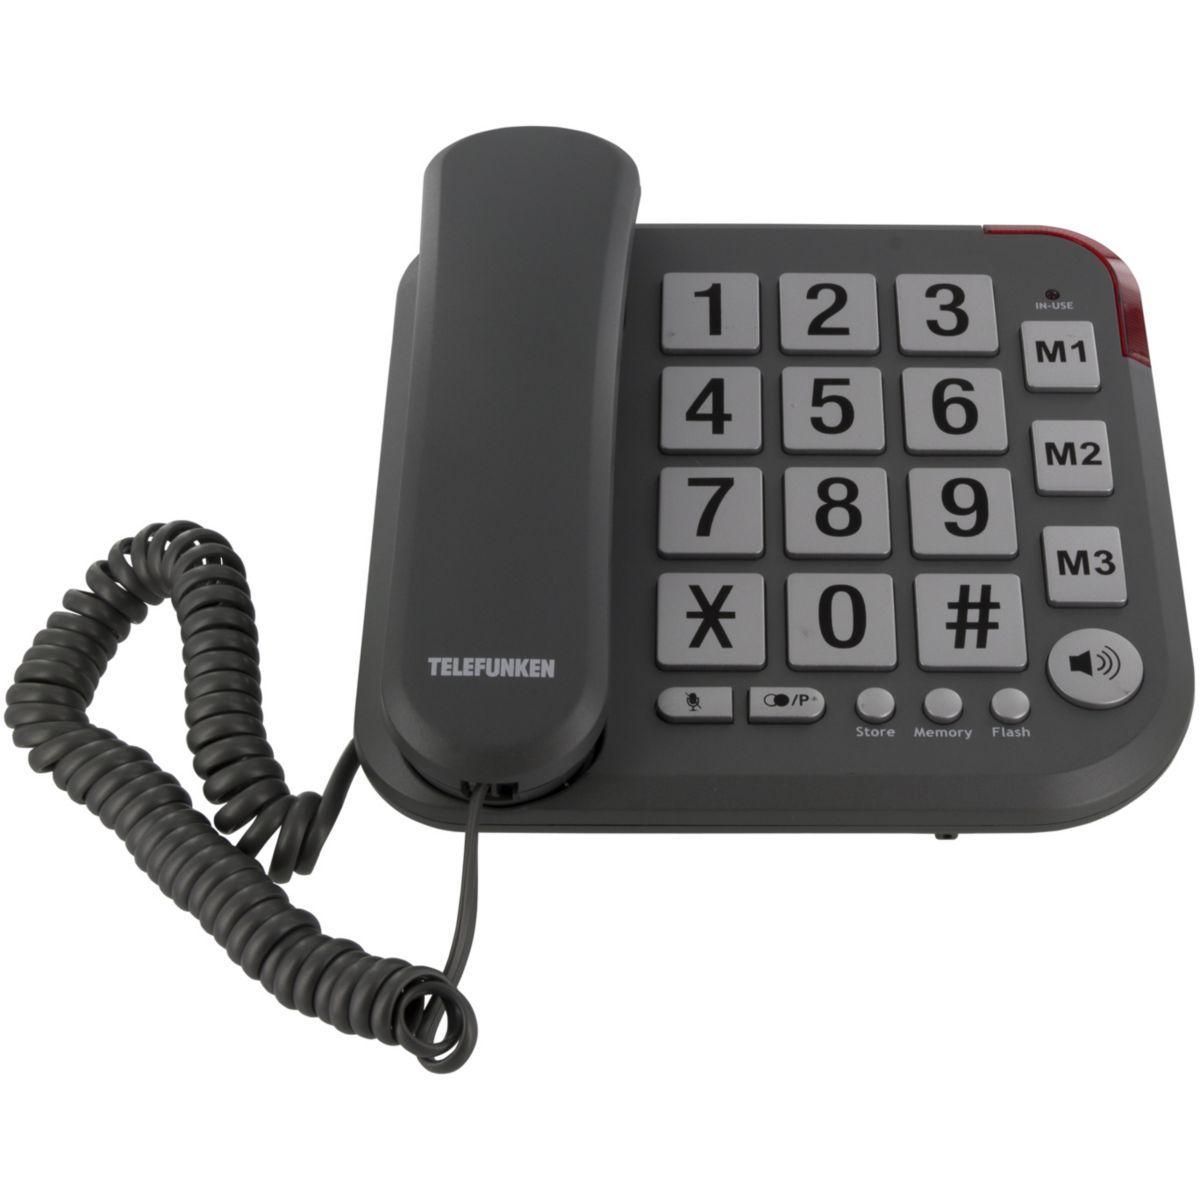 Téléphone filaire telefunken tf401 solo noir - 15% de remise immédiate avec le code : cool15 (photo)